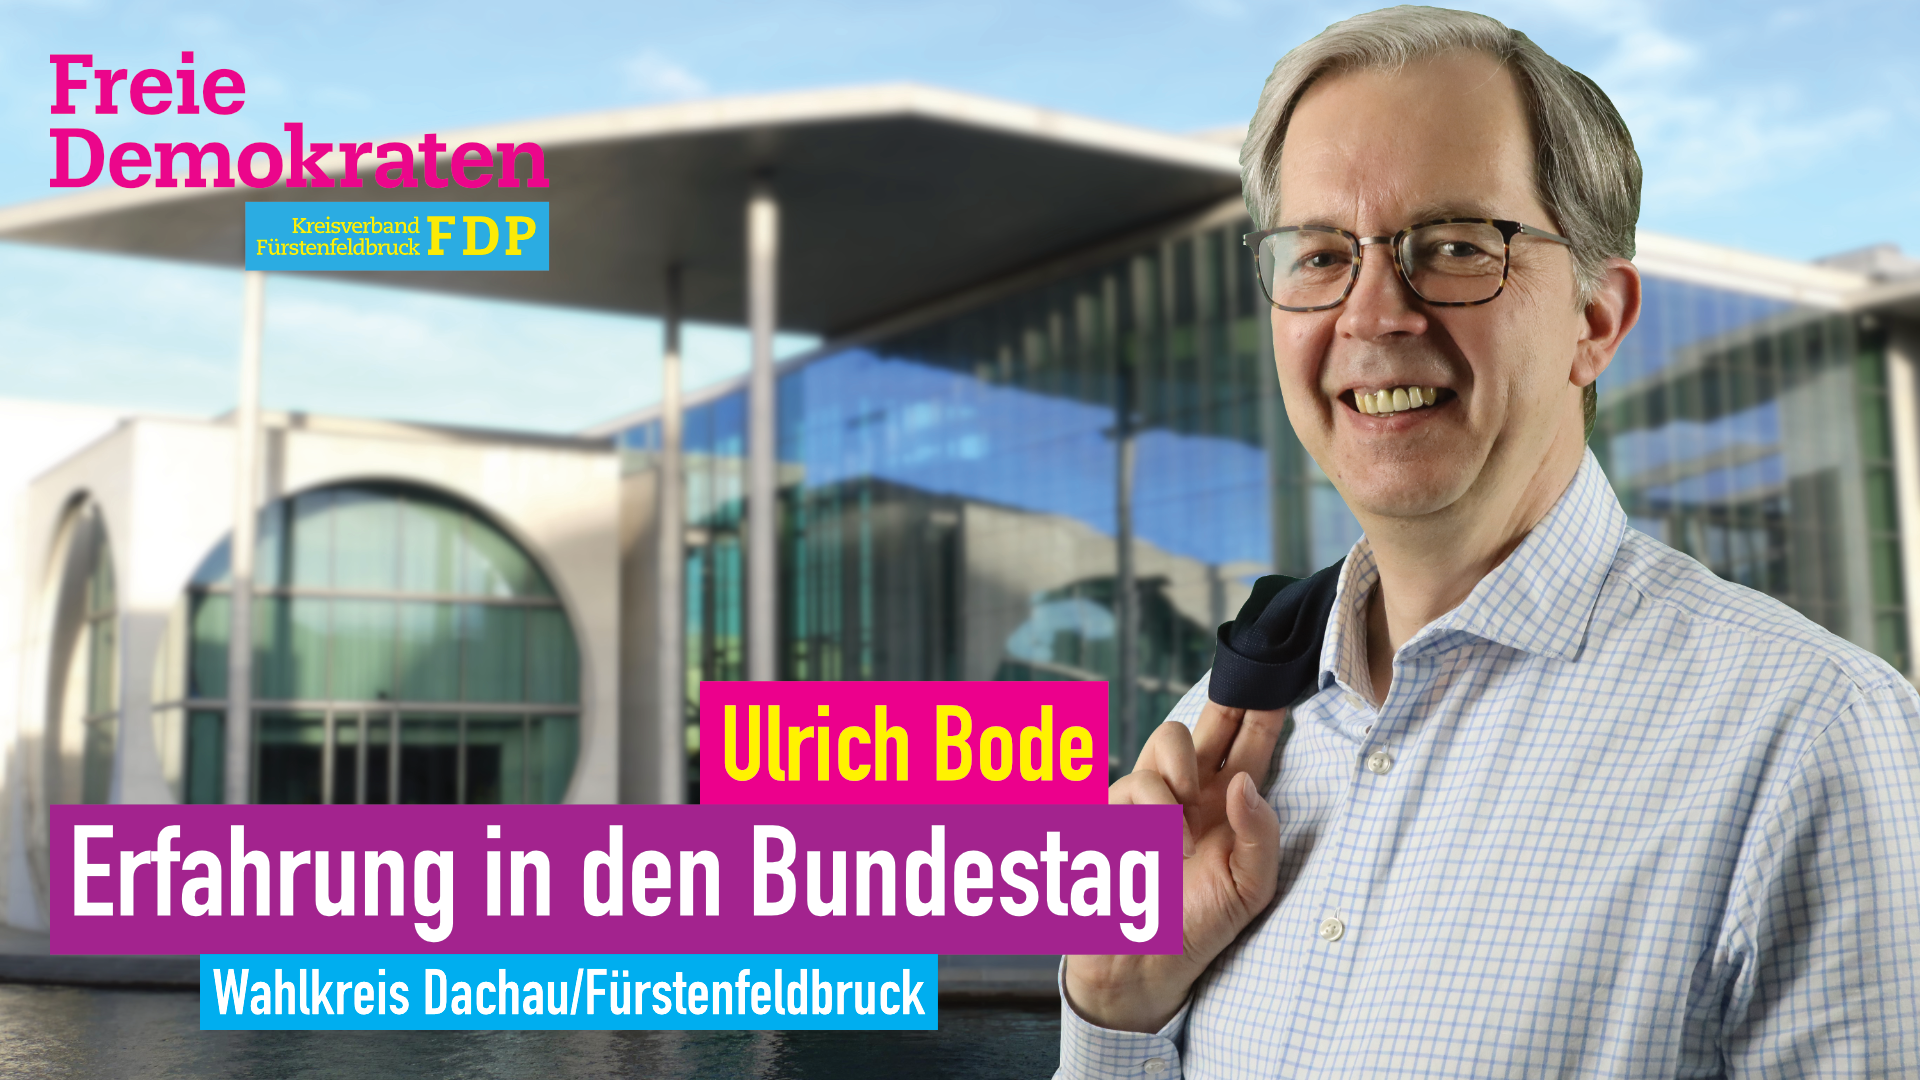 Erfahrung in den Bundestag